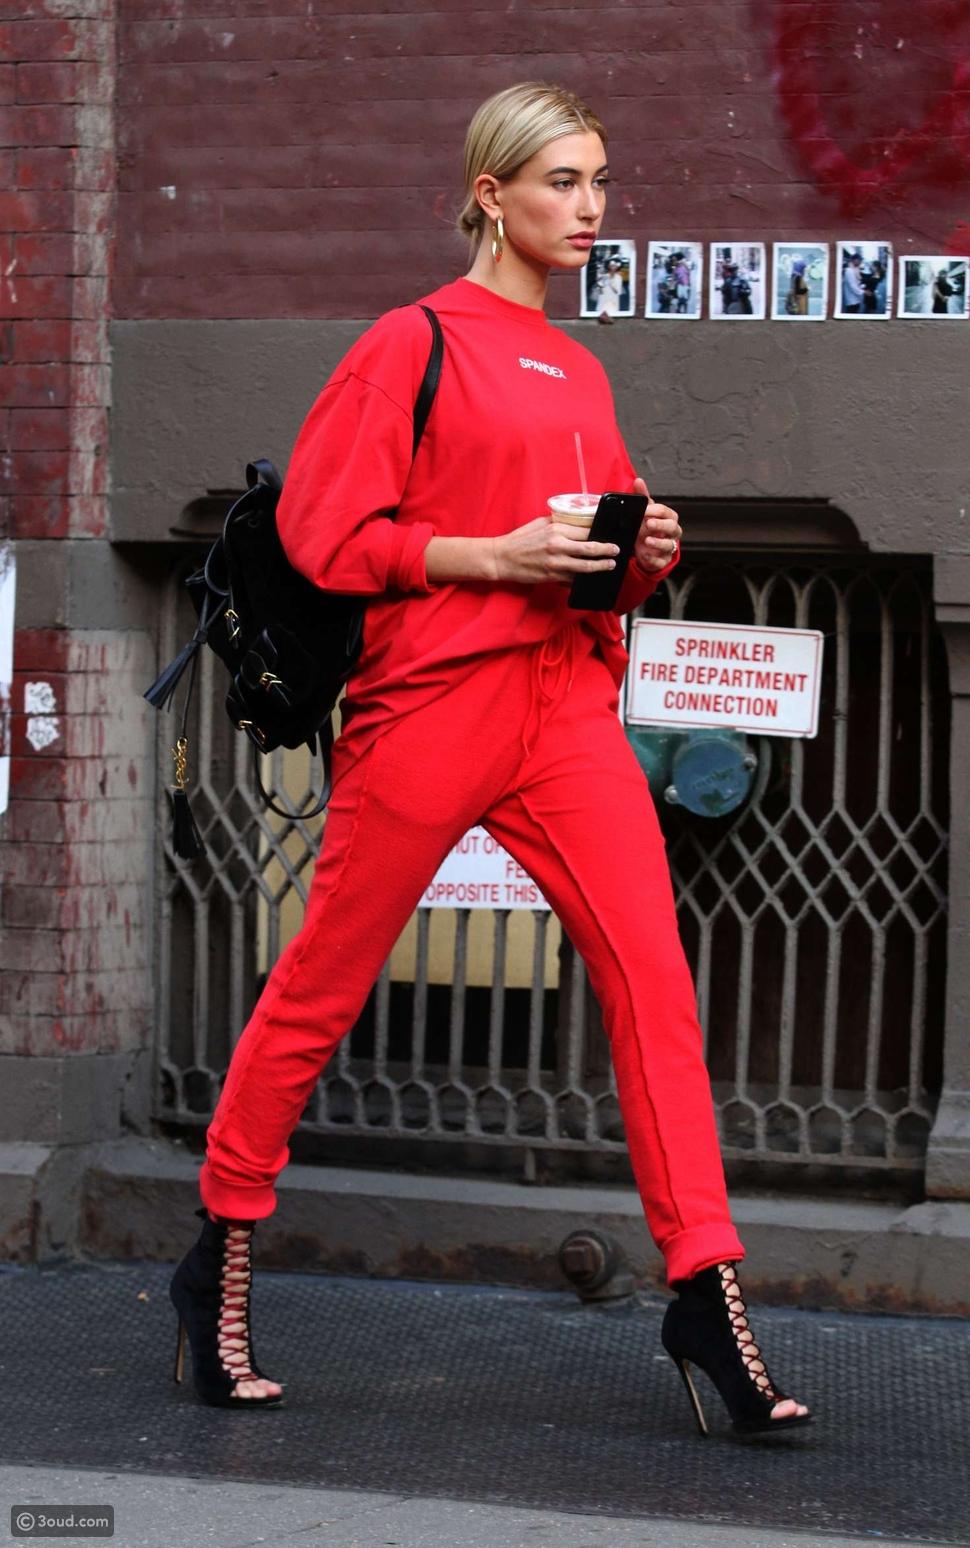 أحمر قرمزي Scarlet Red